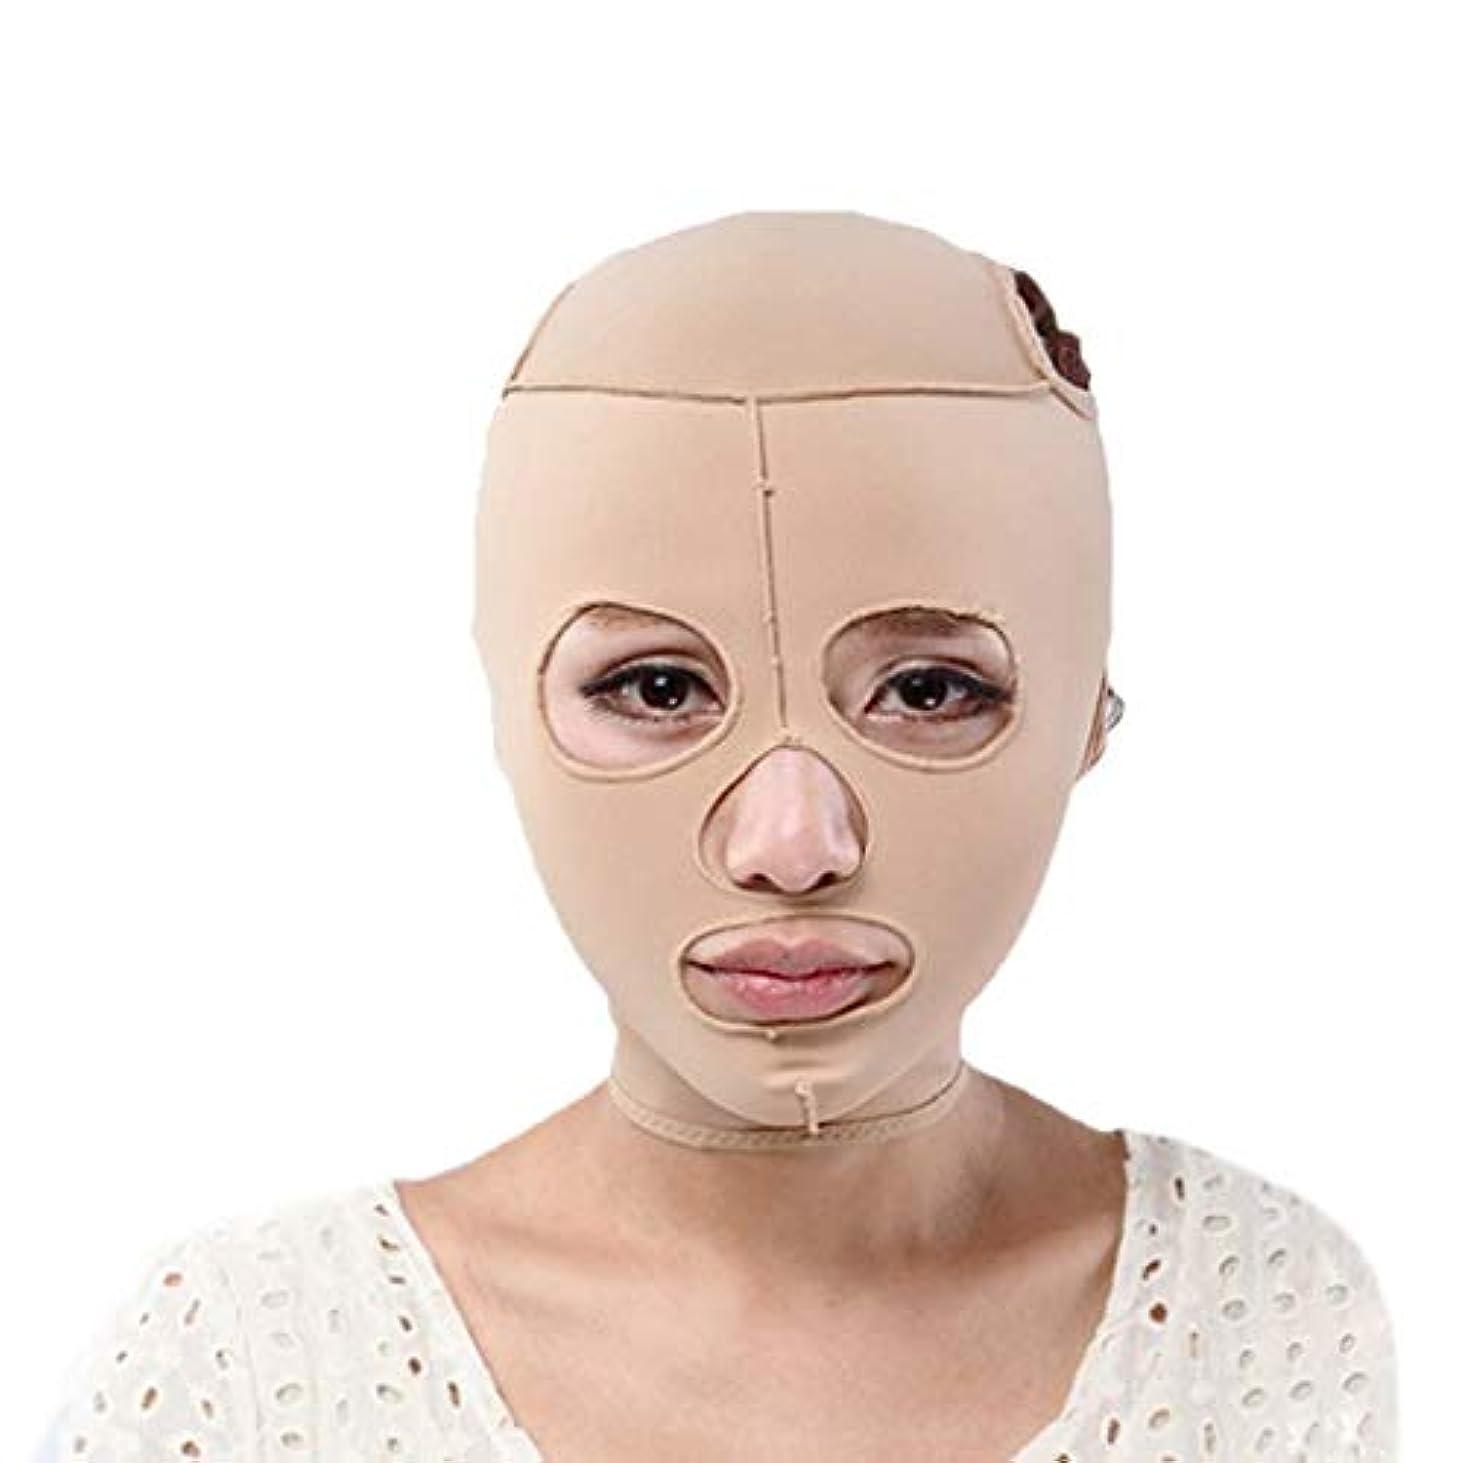 倒錯音楽放射するチンストラップ、顔の減量アンチシワマスク、快適な通気性マスク付きオールインクルーシブフェイス、薄型フェイスマスクリフティング包帯引き締め(サイズ:S),M